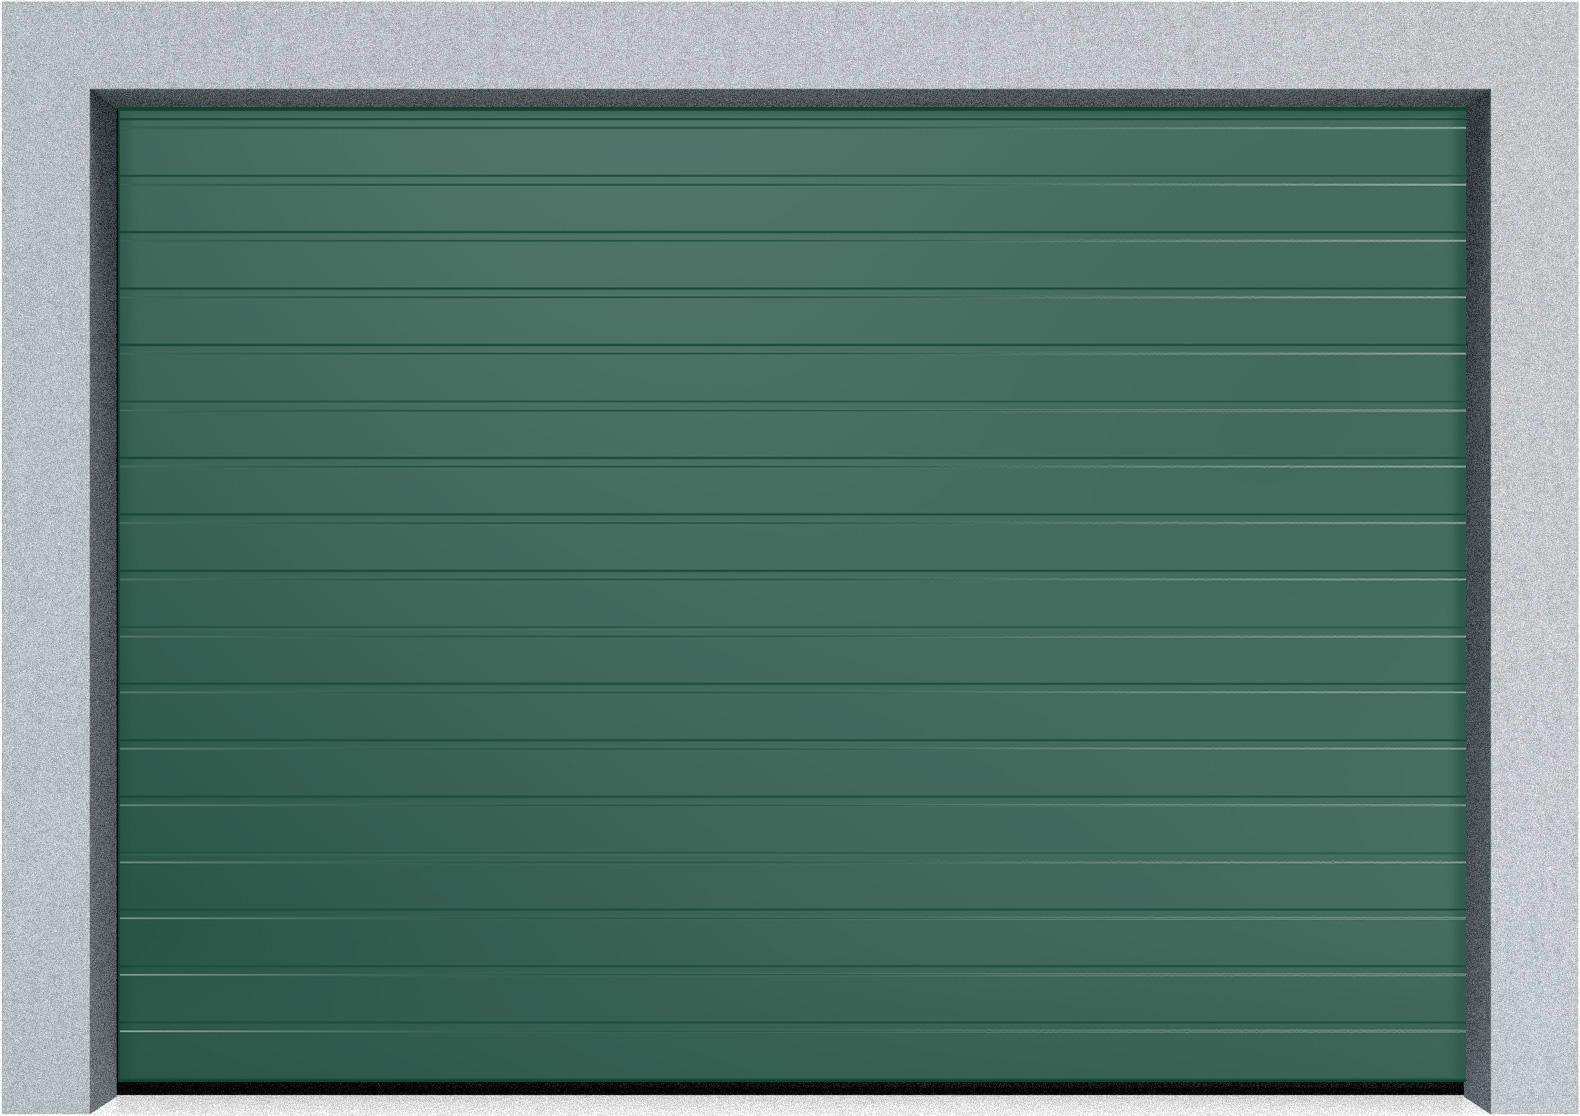 Секционные гаражные ворота Alutech Trend 1875x2250 S-гофр, Микроволна стандартные цвета, пружины растяжения, фото 7